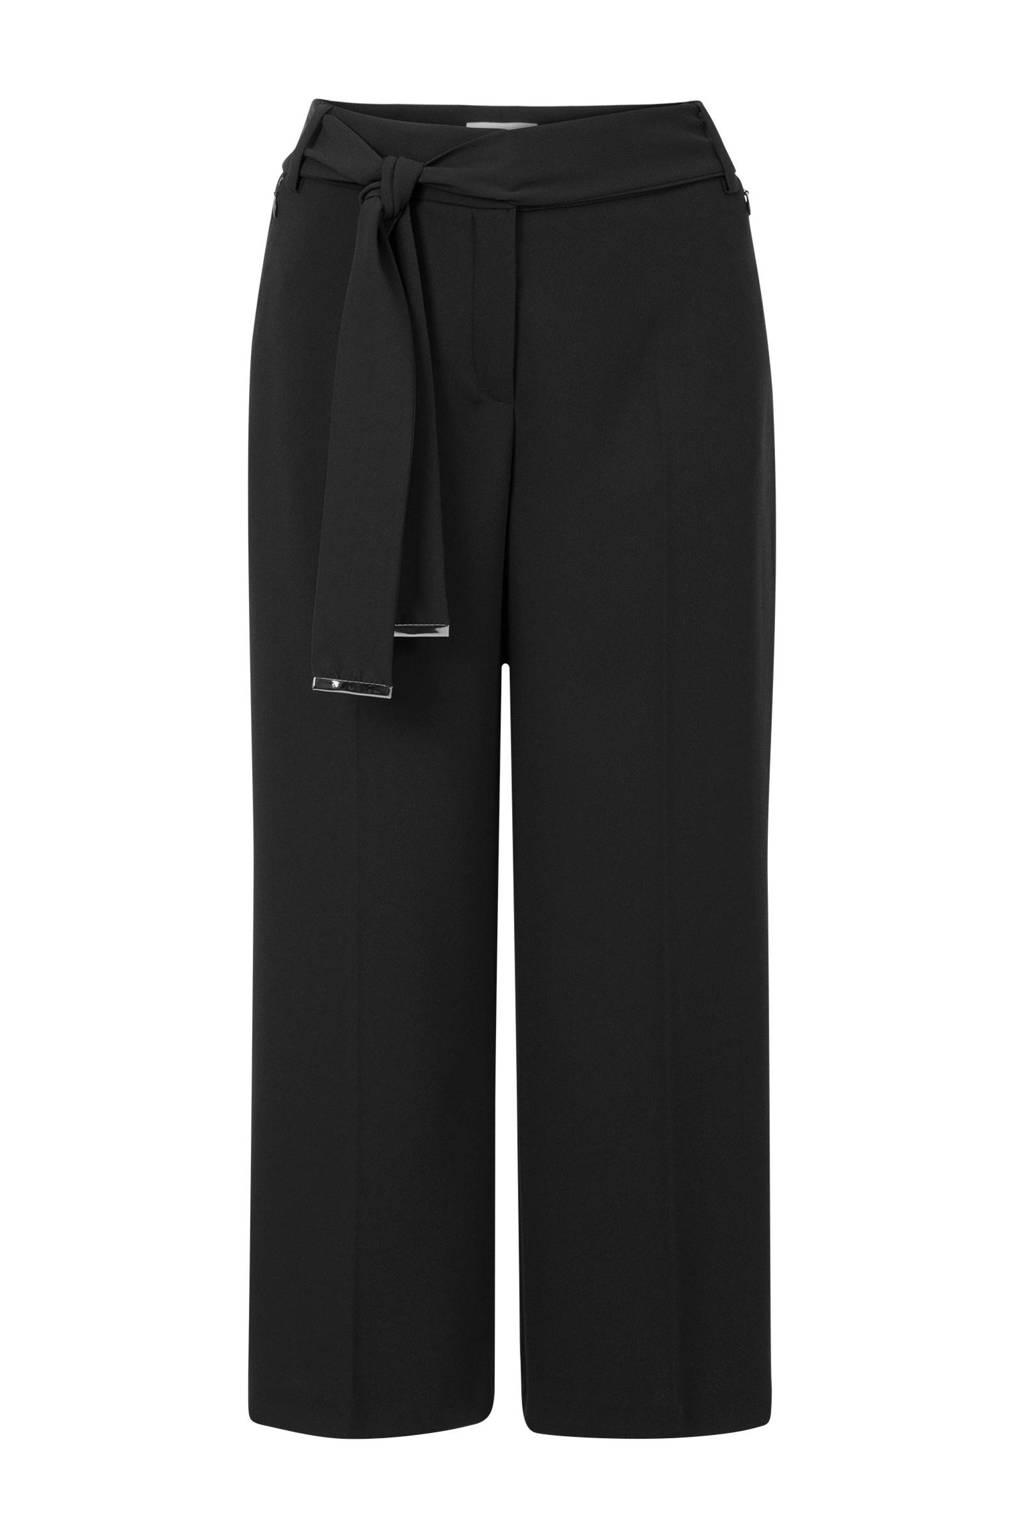 Promiss culotte straight fit zwart, Zwart